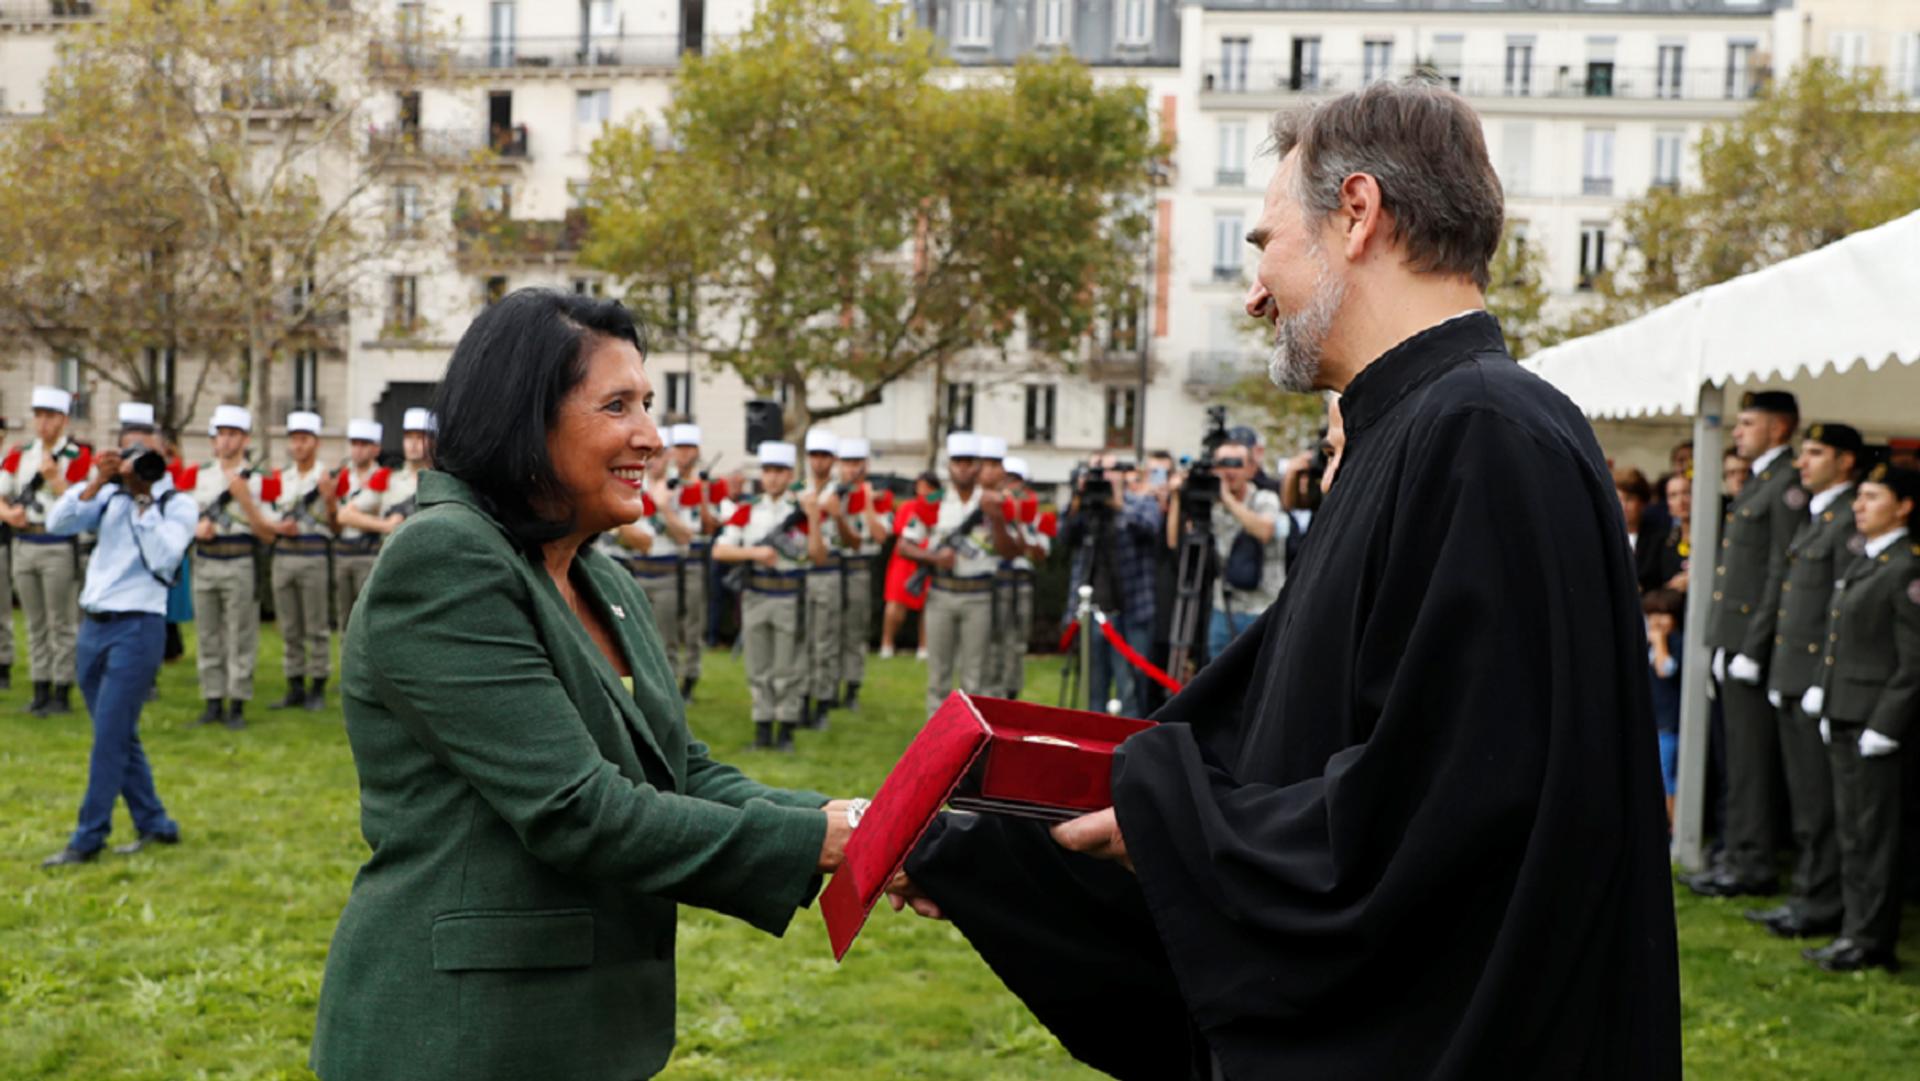 Саломе Зурабишвили вручает награды представителям диаспоры во Франции - Sputnik Грузия, 1920, 26.09.2021